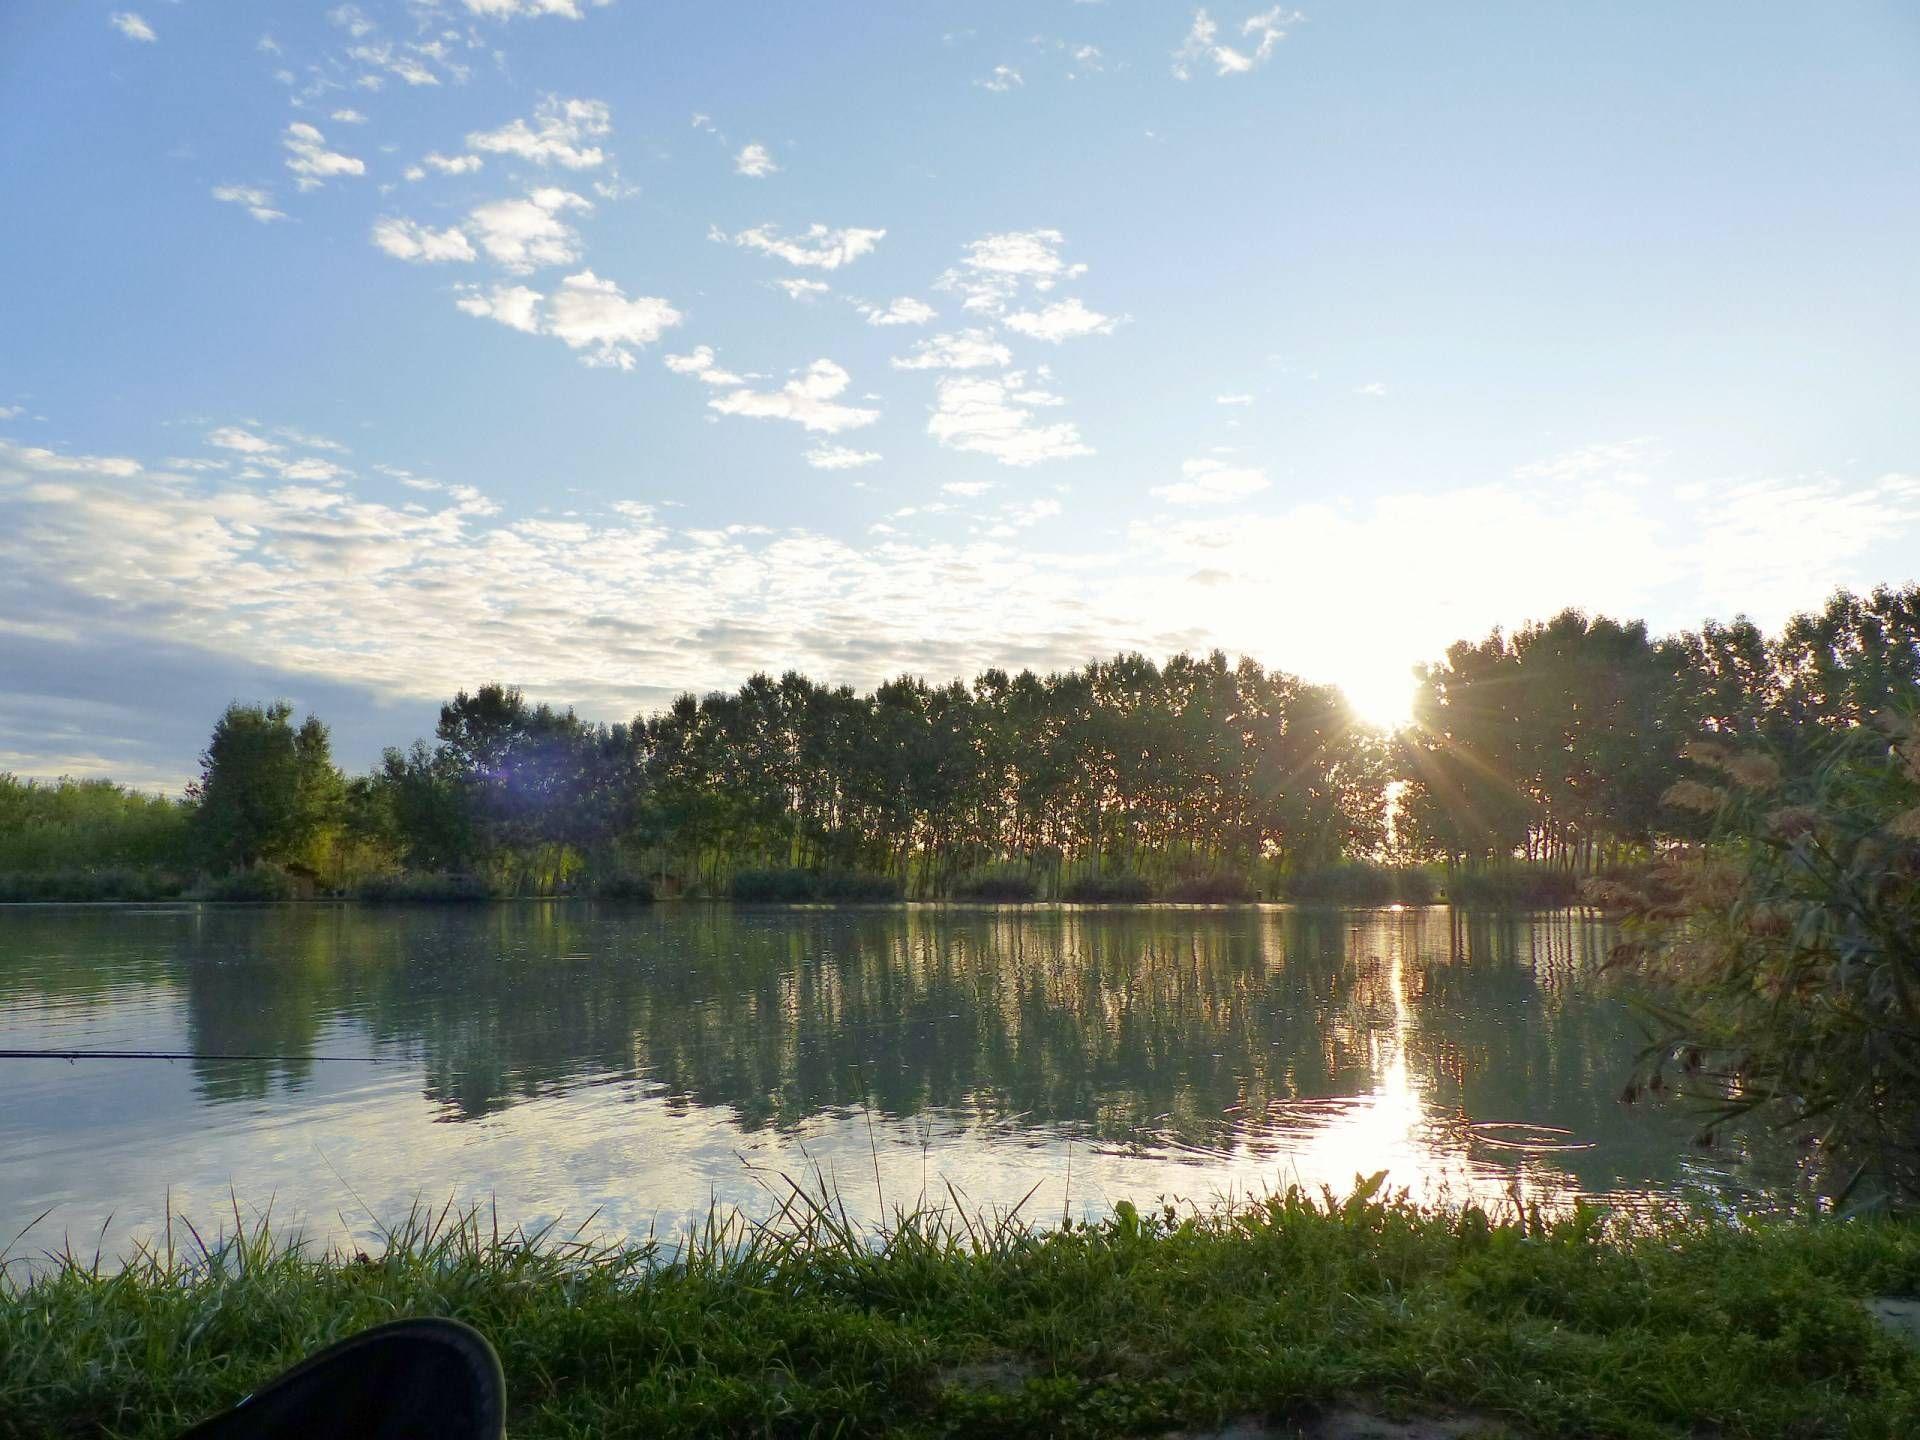 Szerettem volna minden pillanatot kihasználni, ezért már kora reggel a tópartra érkeztem és beélesített felszereléssel vártam a pontyokat